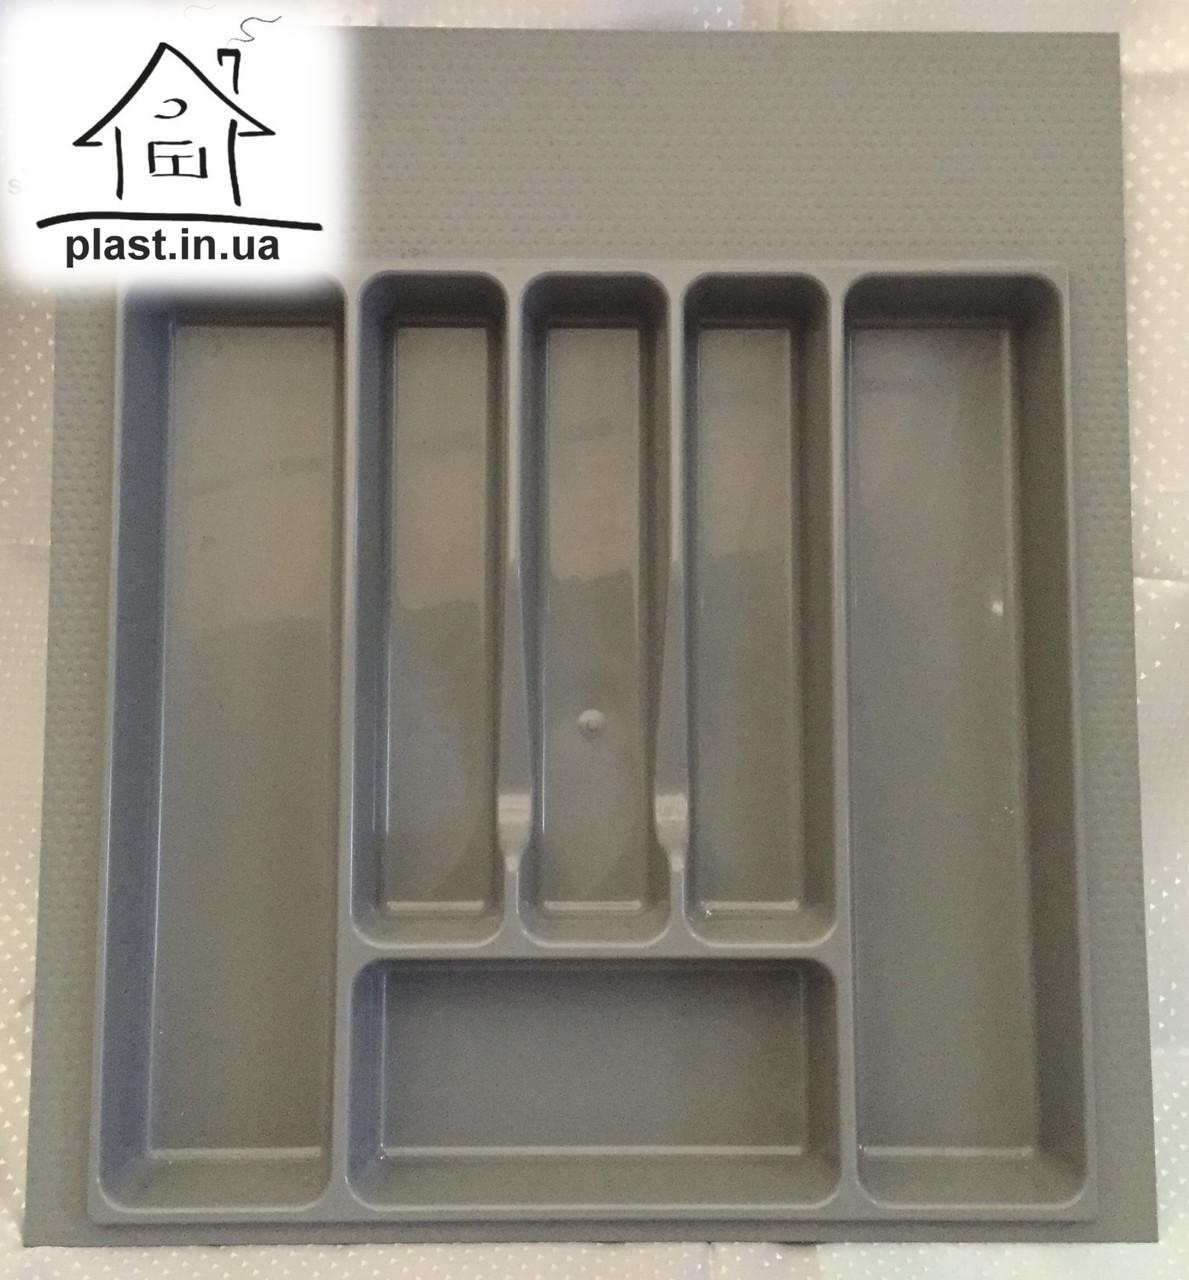 Лоток-вкладыш для столовых приборов 44*49*6.5 серый